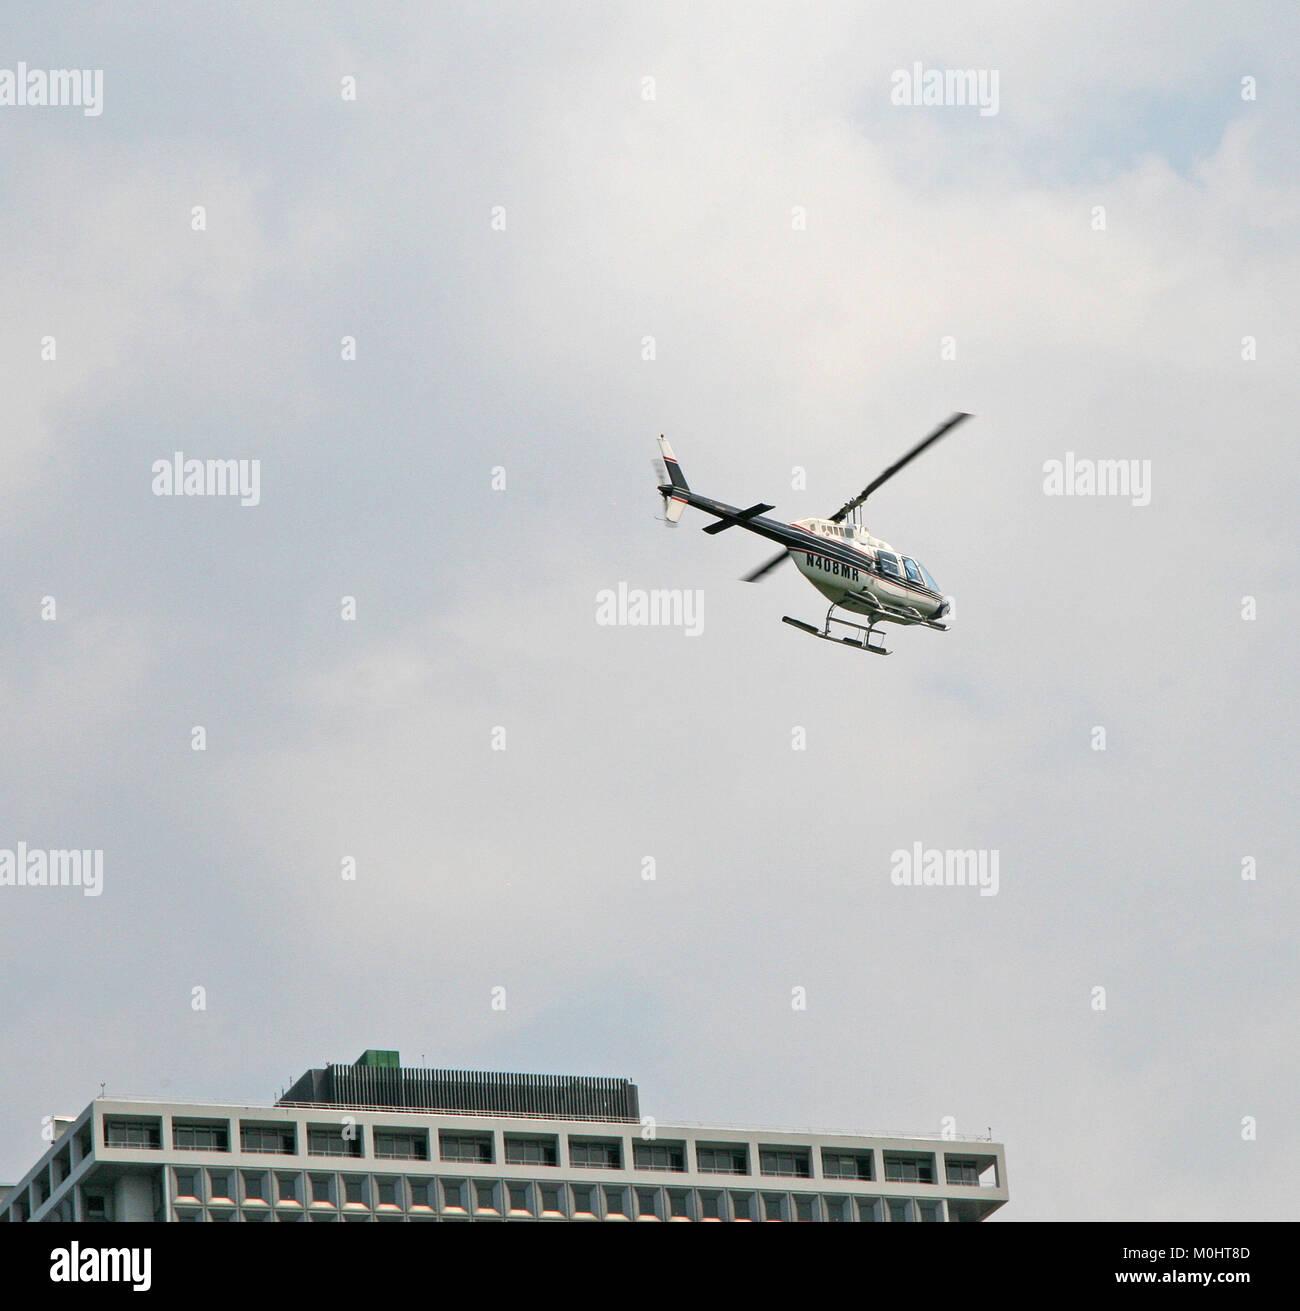 Die agusta-bell AB 206B Jet Ranger III N 408 HERR Hubschrauber über den 1 New York Plaza Gebäude fliegen Stockbild